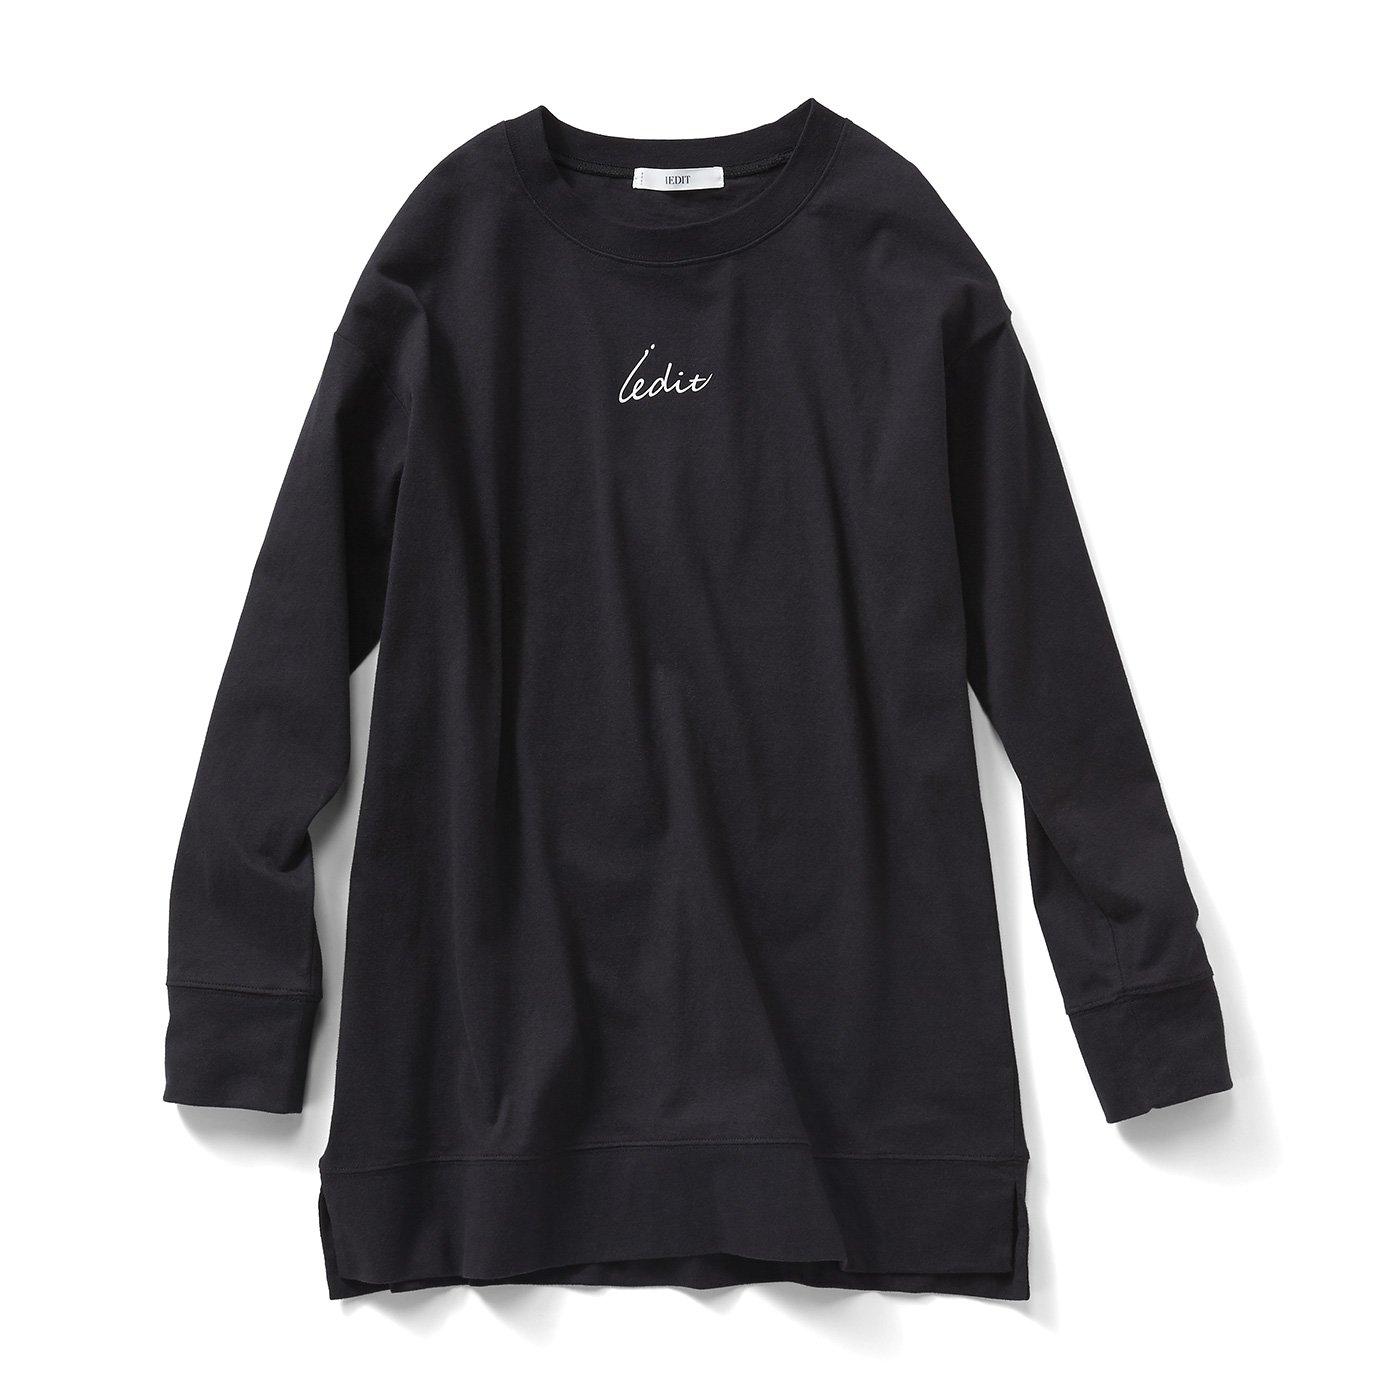 IEDIT[イディット] リサイクルコットンのブランドロゴTシャツ〈ブラック〉